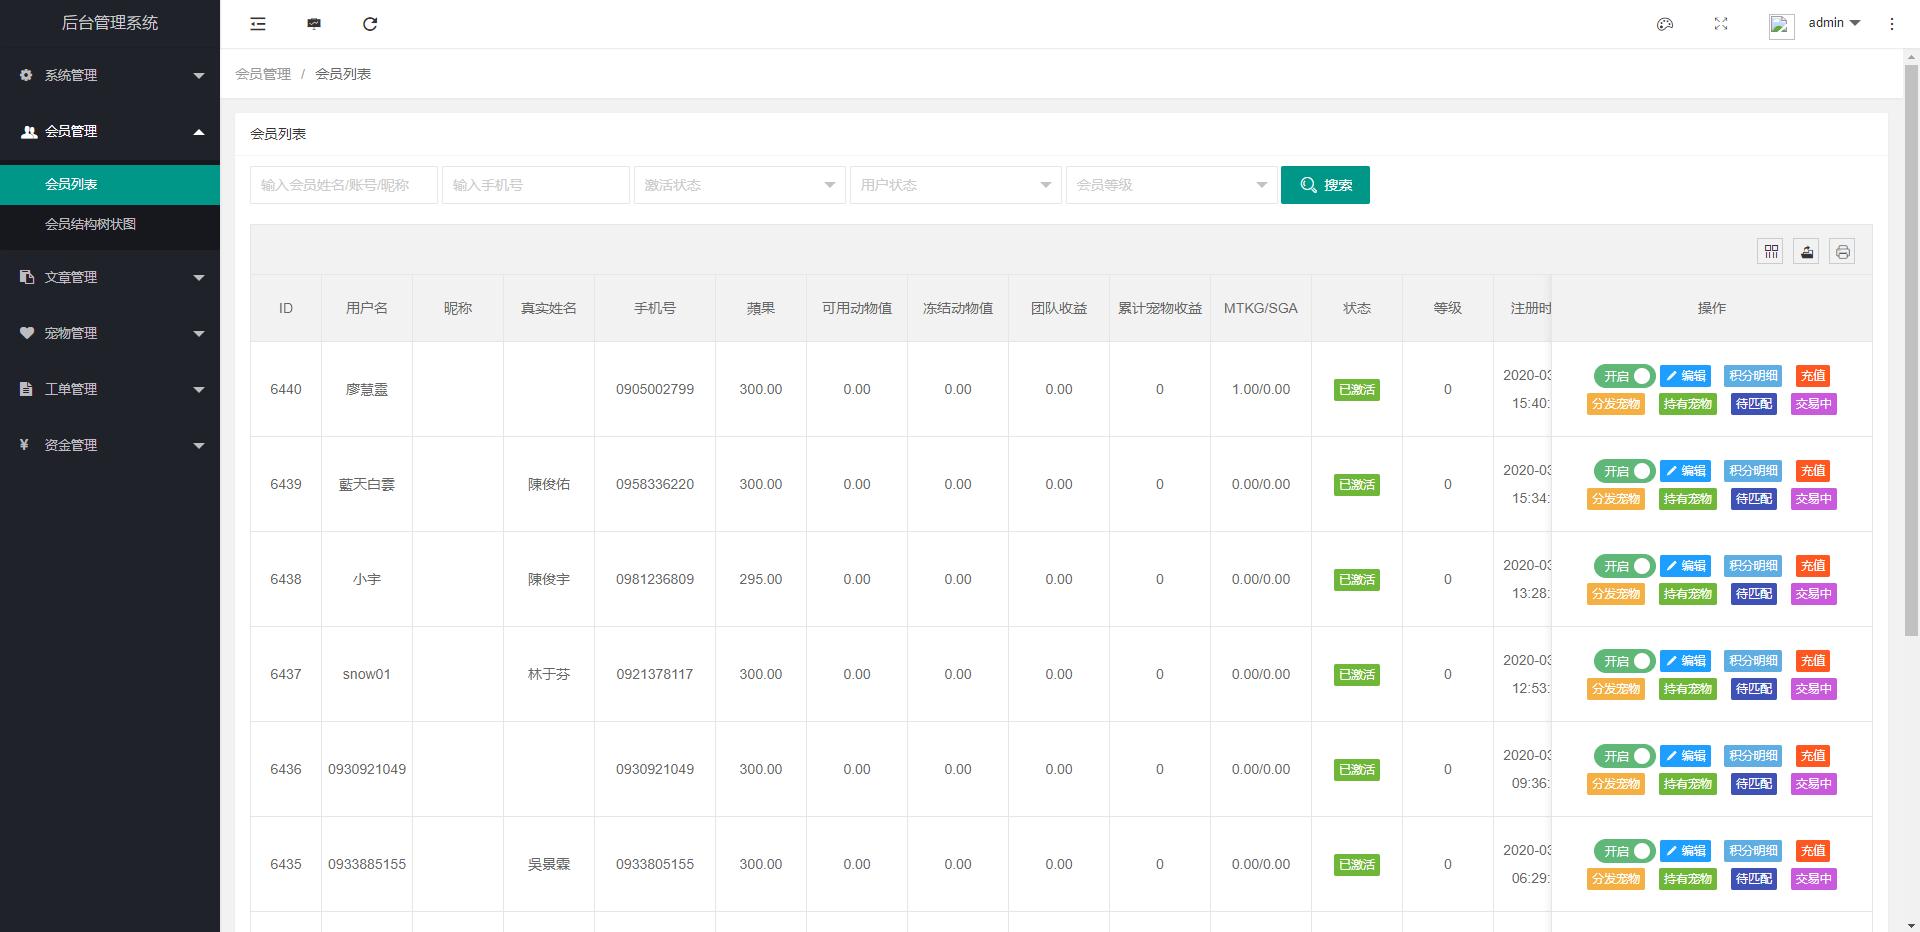 区块链宠物源码、最新森林绿UI养殖收益投资理财系统[签到+团队+实名]手机移动端网站源码下载